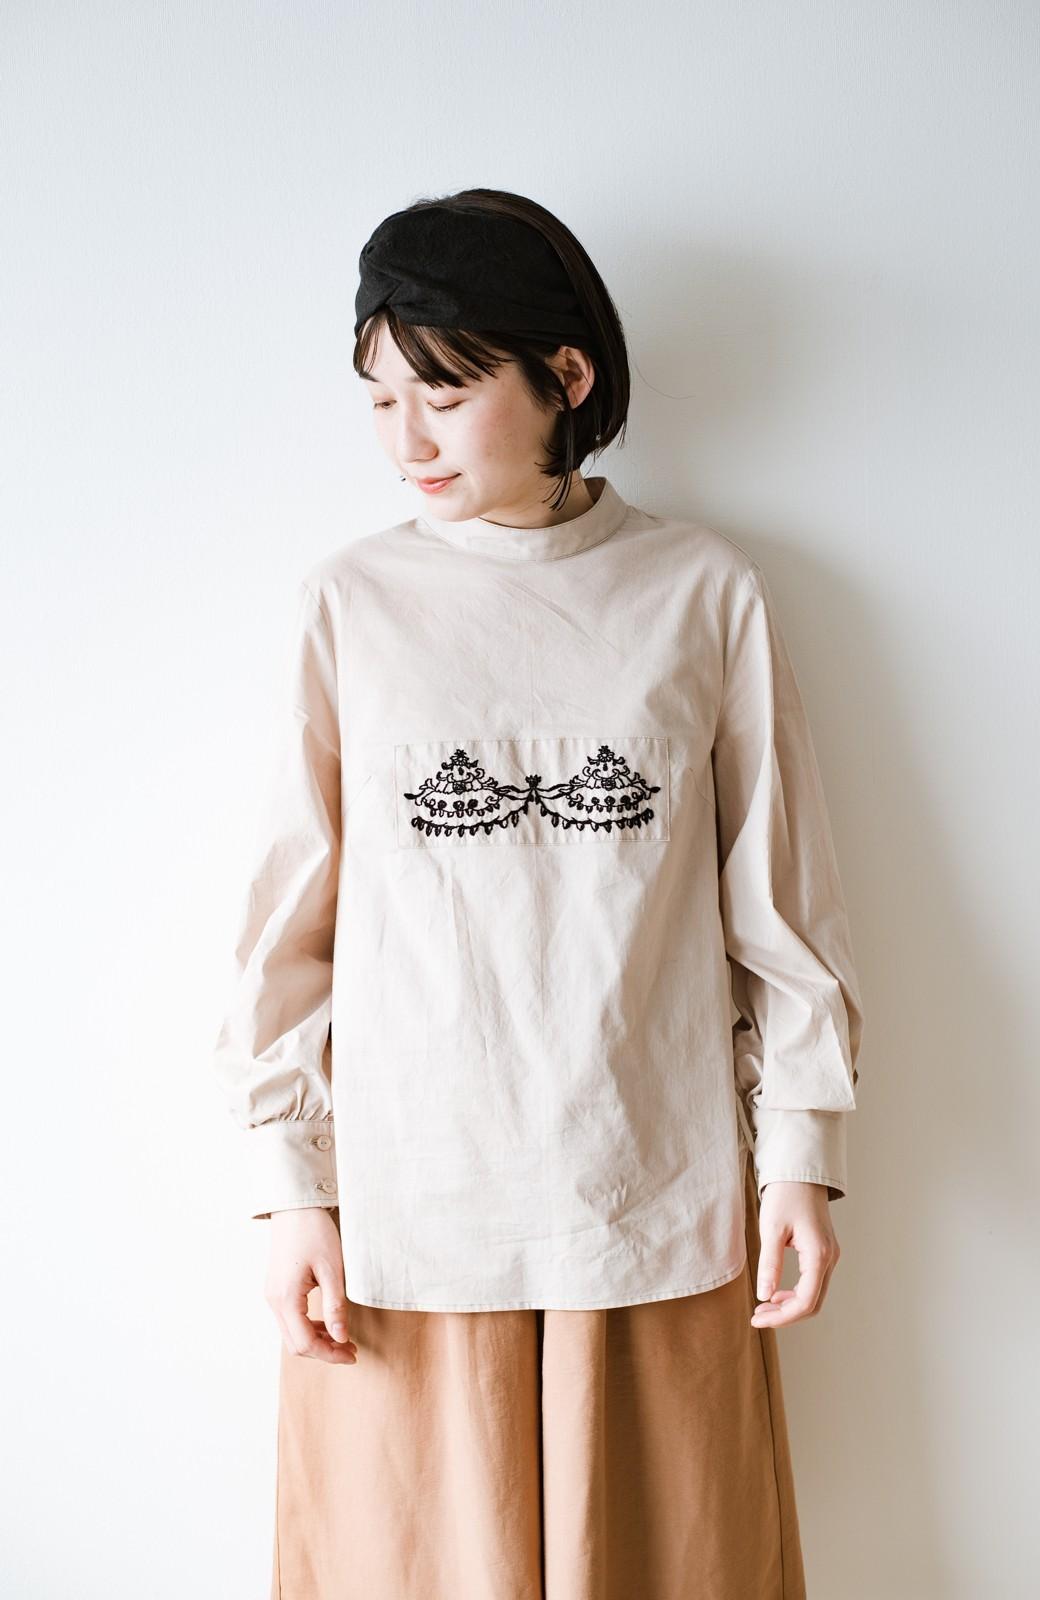 haco! 上品な刺繍がまるでレースのよう オーガニックコットンの袖ぽんわりブラウス from Stitch by Stitch <ライトベージュ>の商品写真4